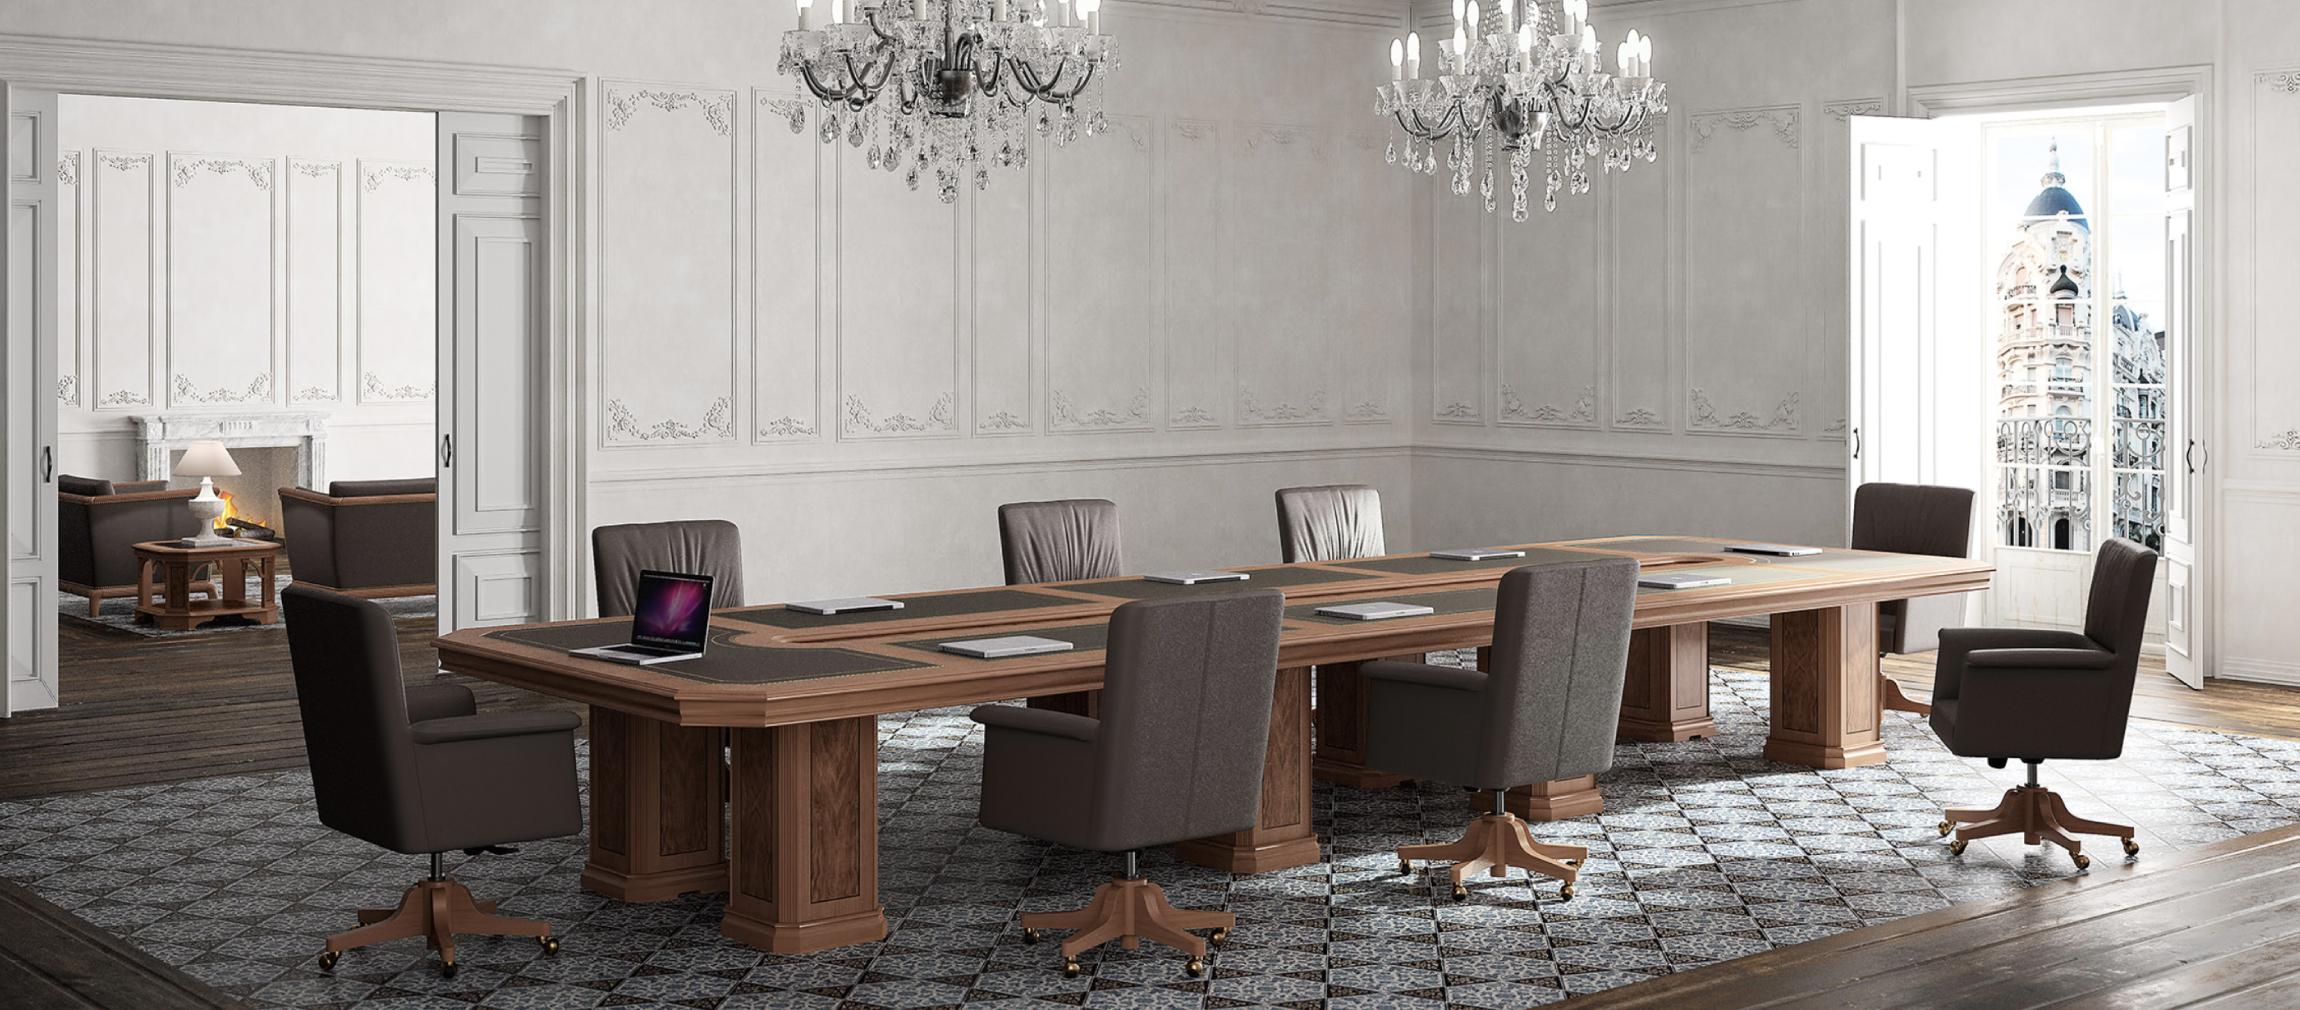 muebles-salas-de-juntas-despachos-ejecutivos